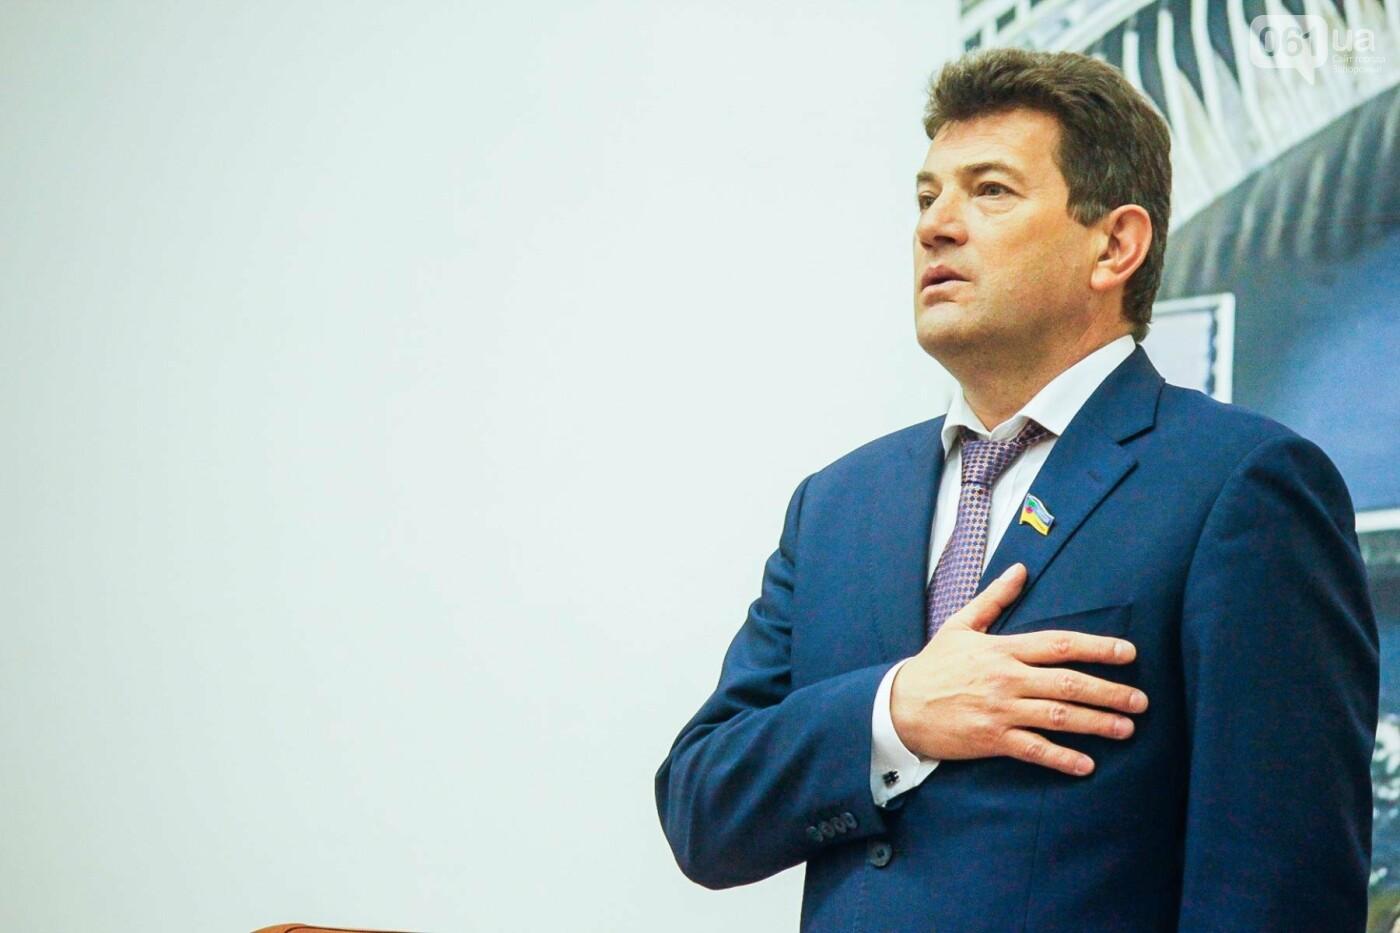 Сессия запорожского горсовета в лицах, - ФОТОРЕПОРТАЖ, фото-3